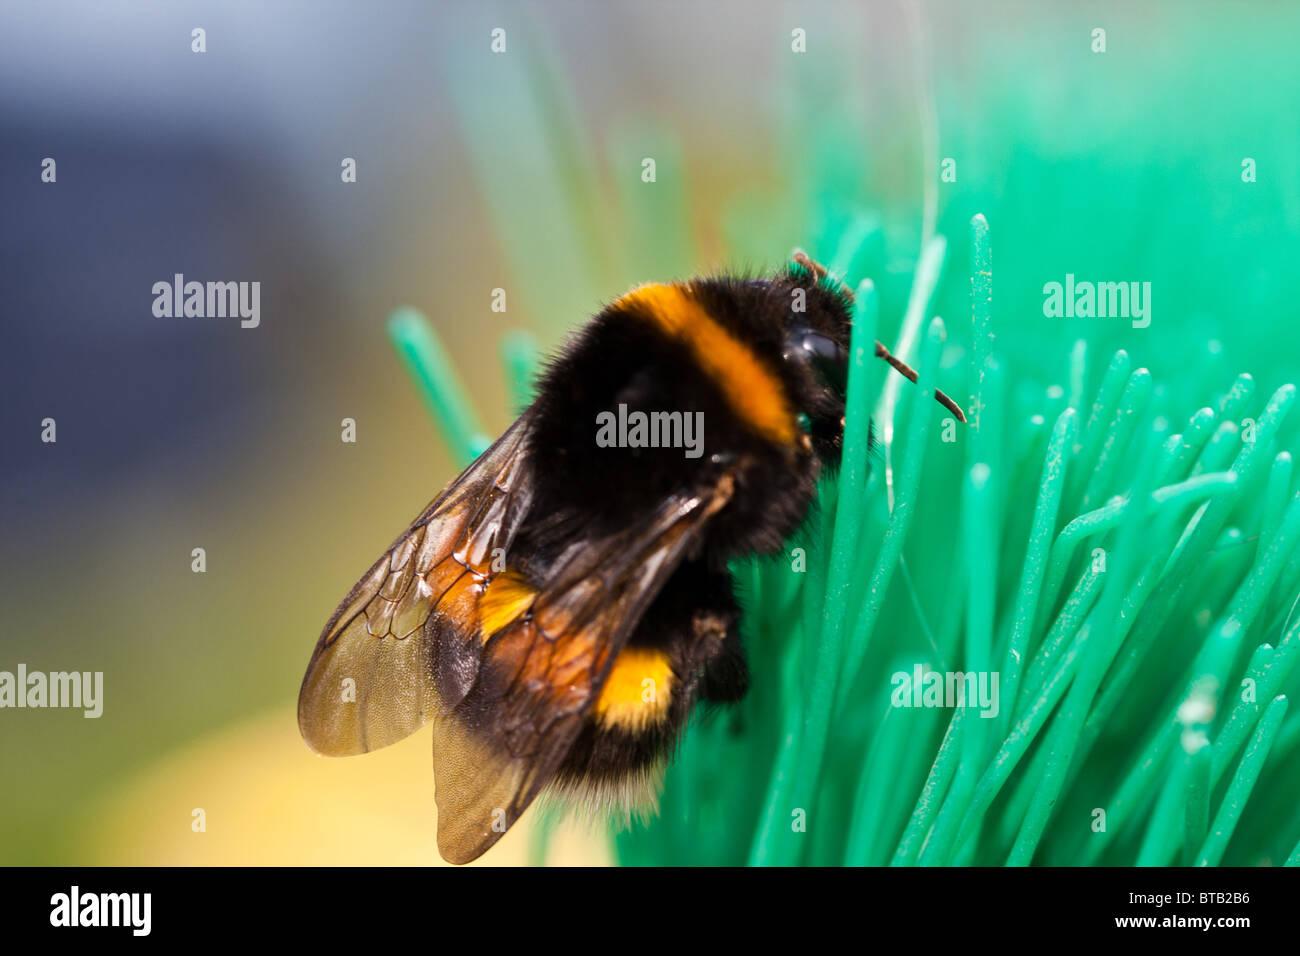 a bee, macro - Stock Image